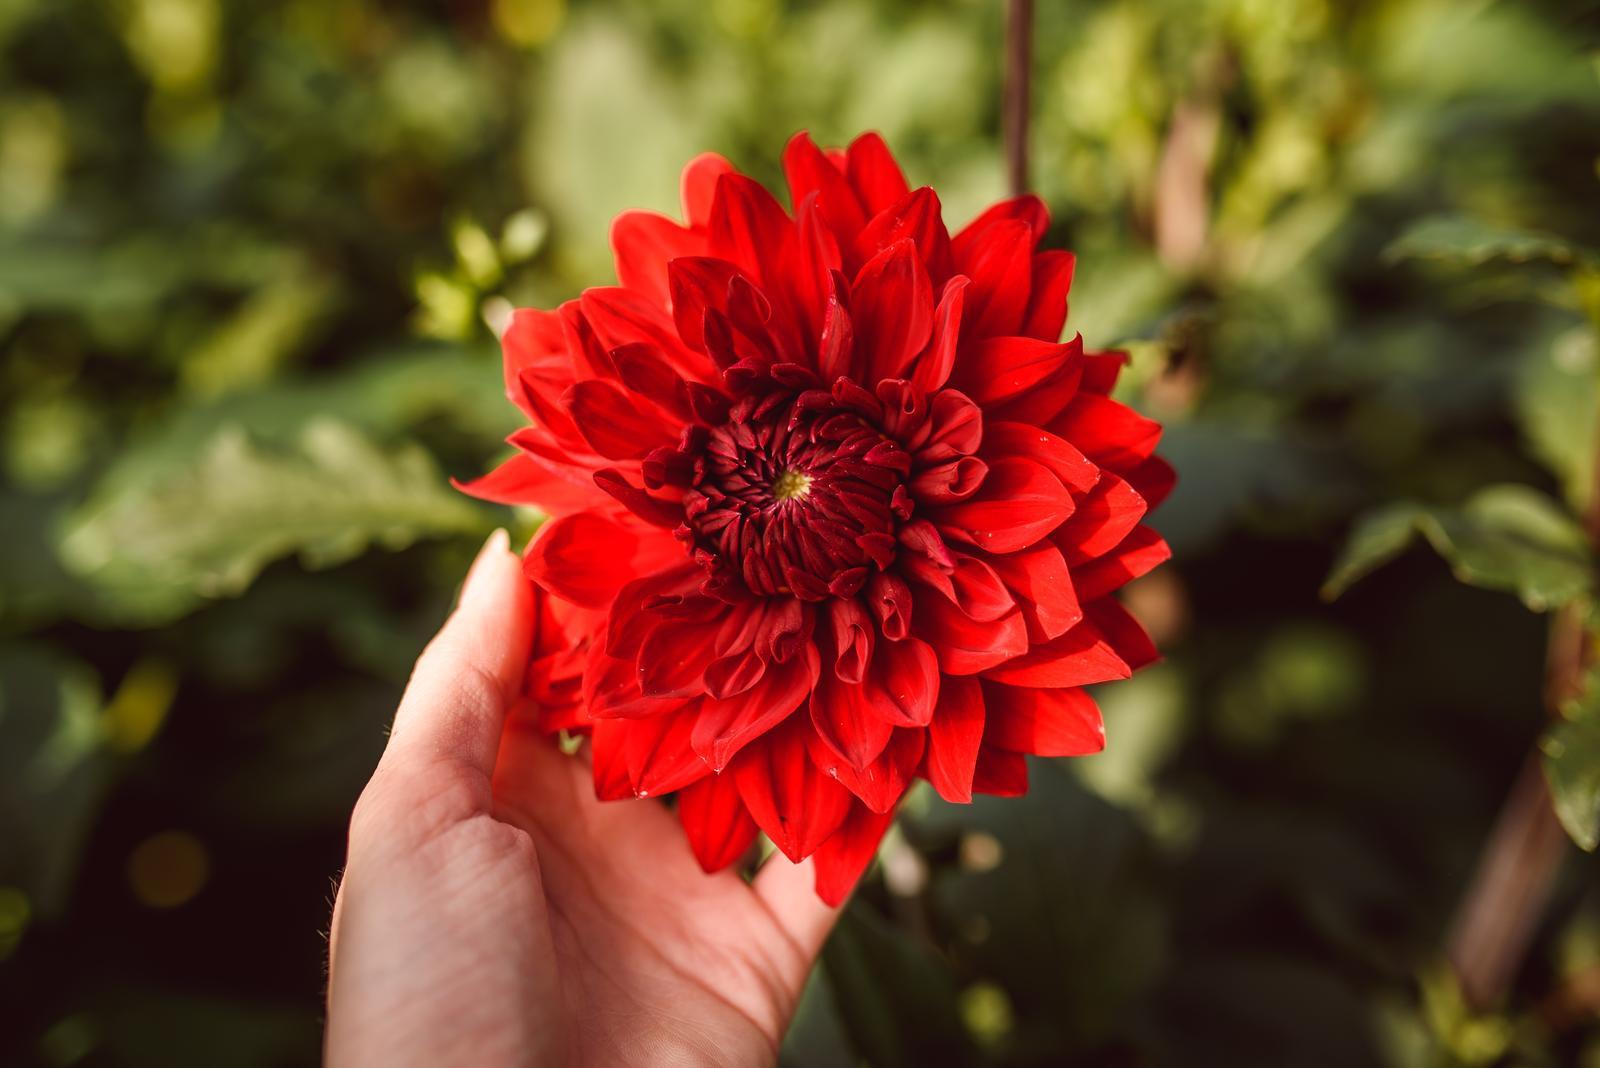 Vo víre kvetov... - Karmínová nádhera, do ktorej som sa zamilovala na prvý pohľad! Dahlia Garden Wonder :-) Aranžmán z týchto kvetov je v druhom albume